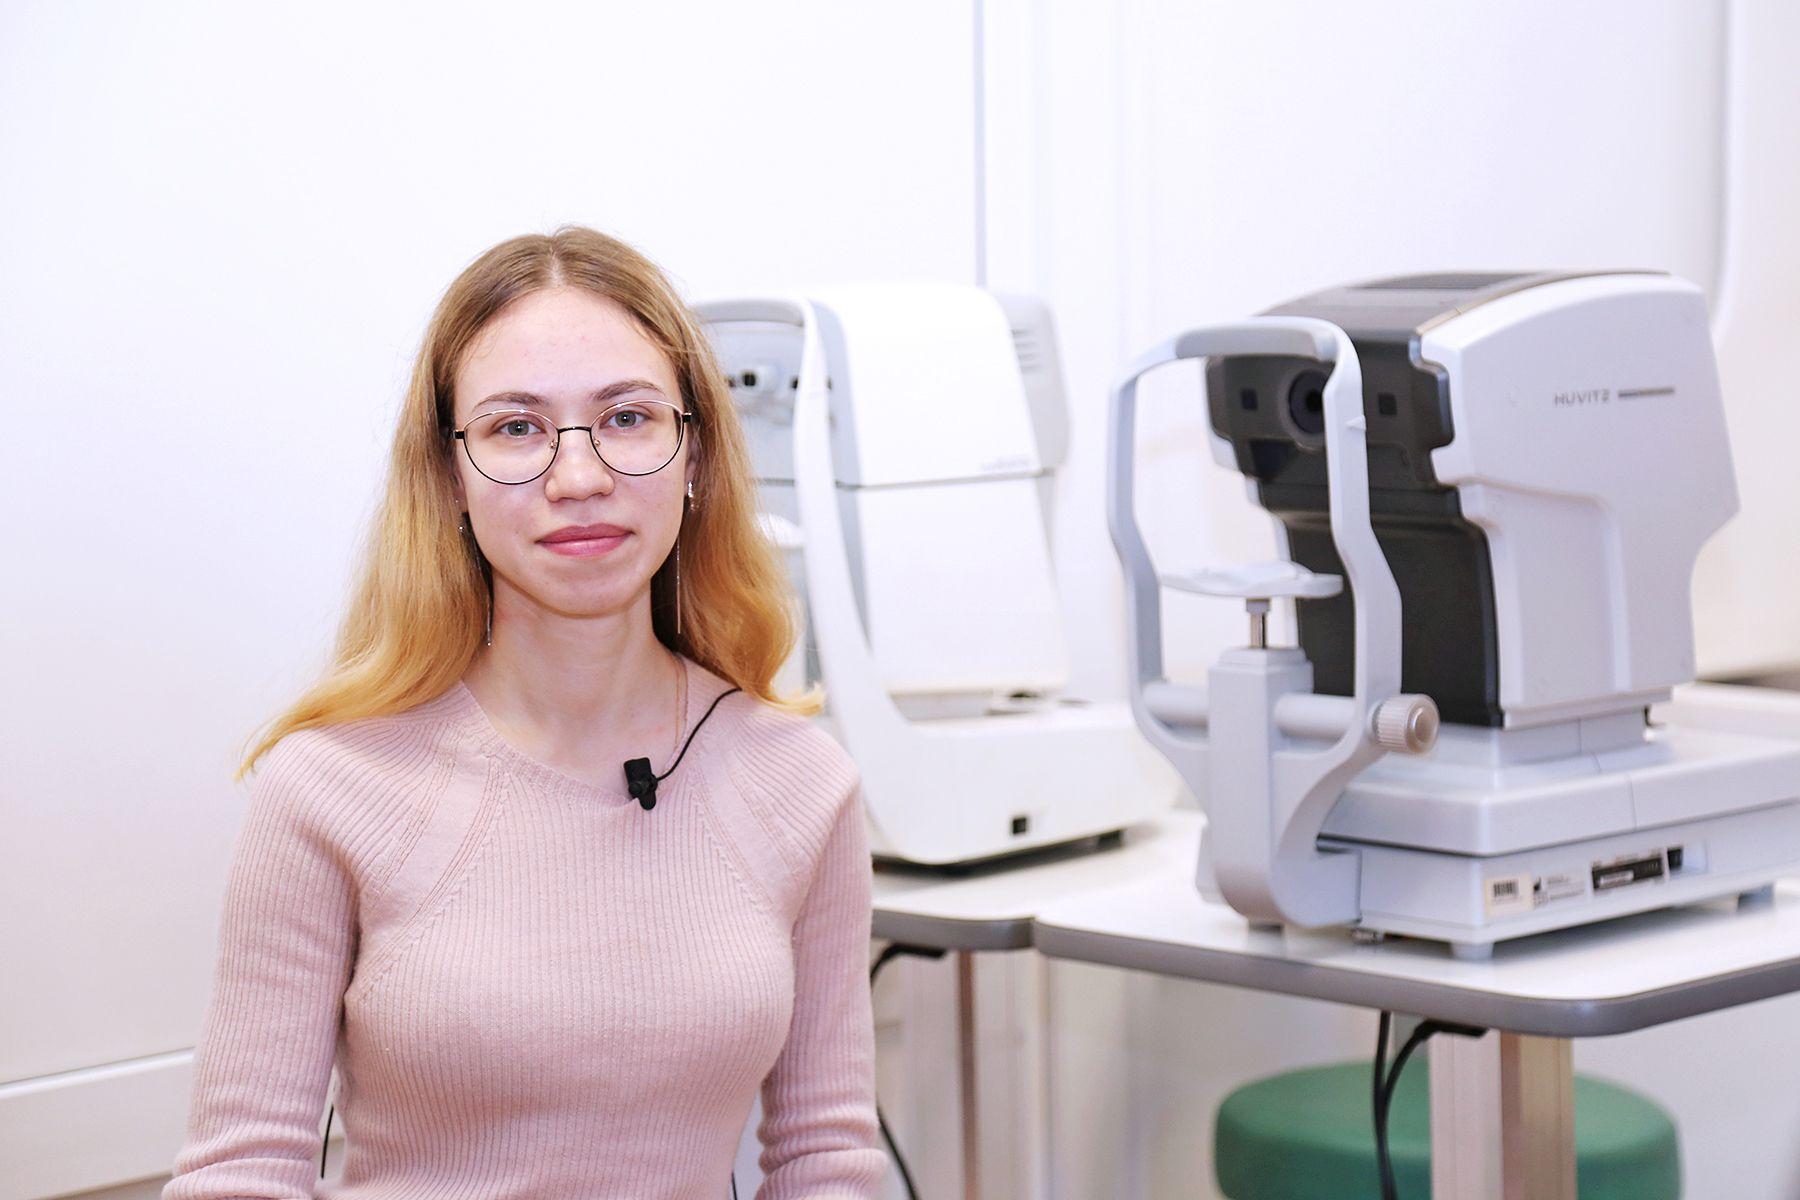 Выпускница ВГУЭС — 2020 Дарья Кийкова: со 2-го курса я работаю техническим писателем в медицинской компании «Юнилаб»